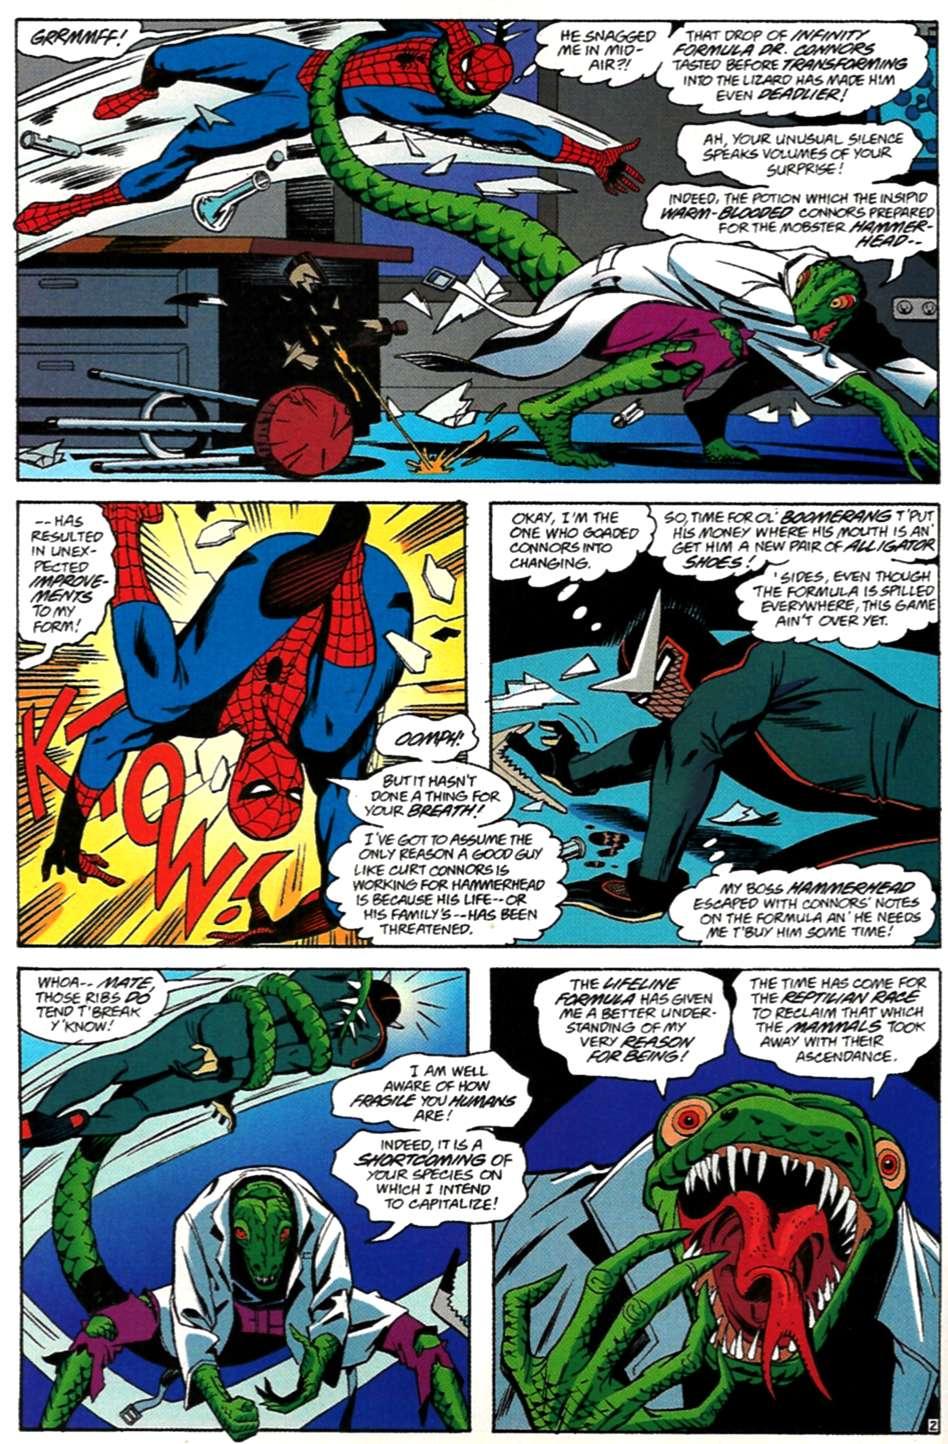 Read online Spider-Man: Lifeline comic -  Issue #3 - 3